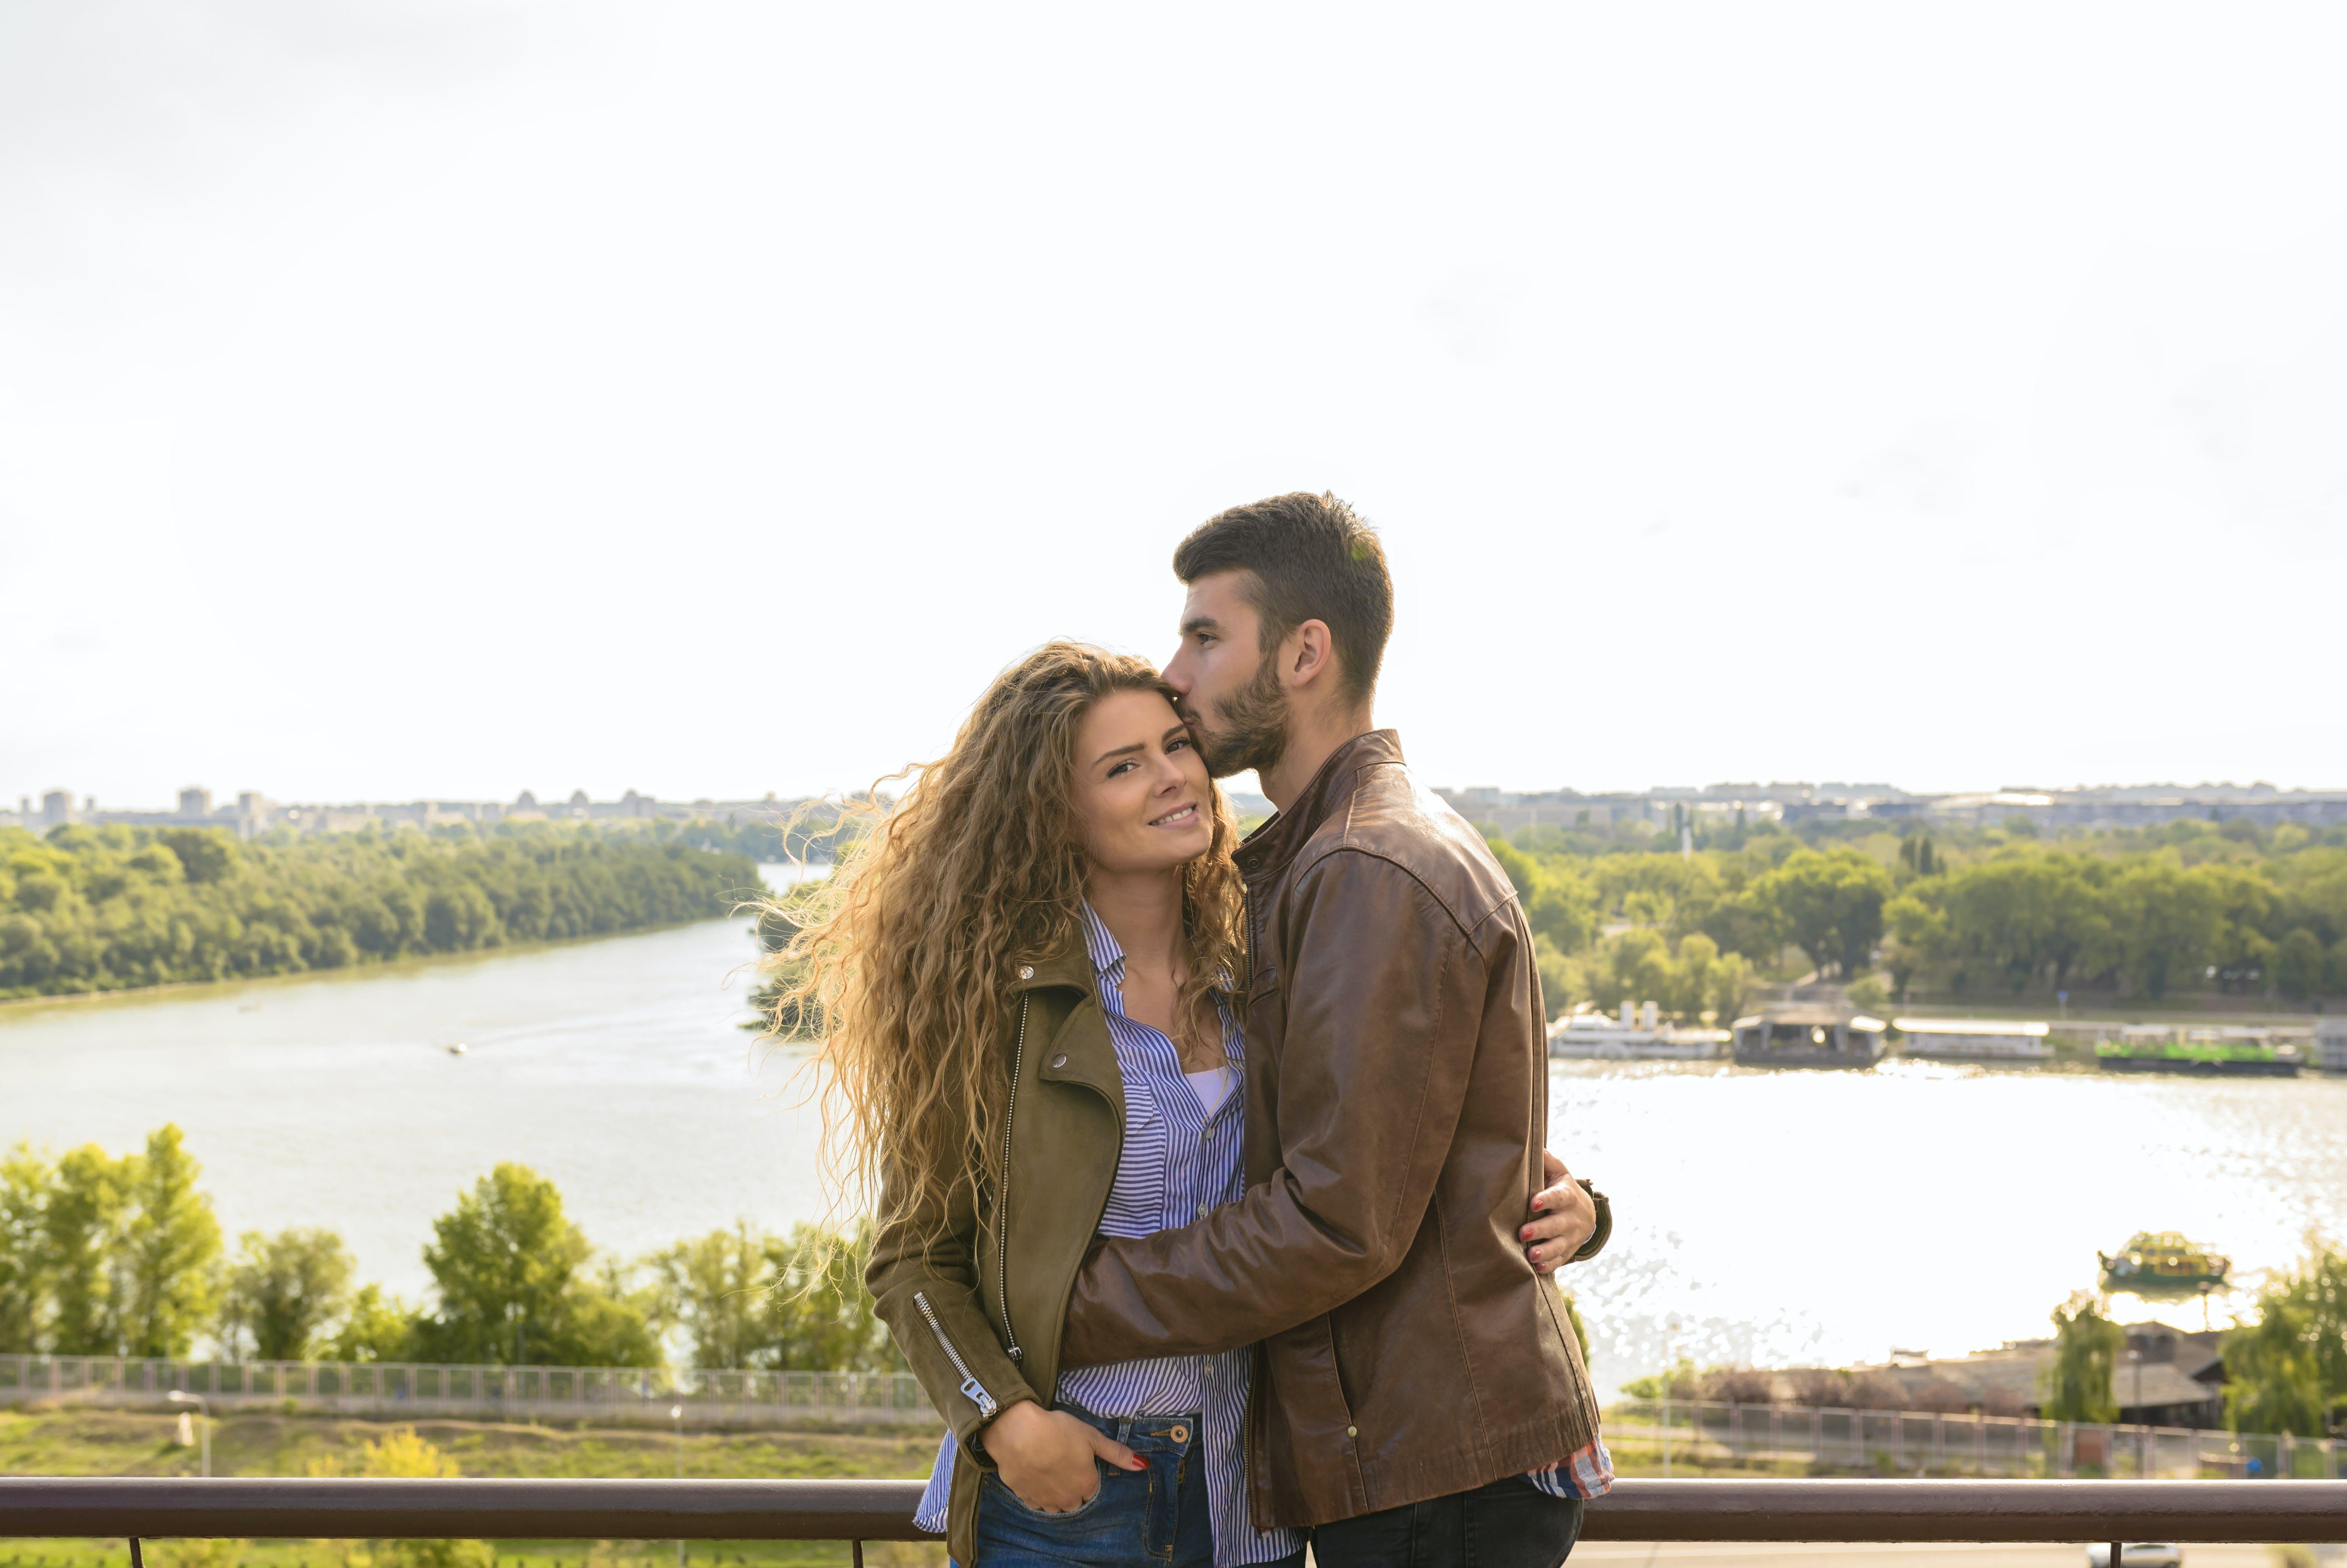 Man Wearing Brown Leather Jacket Hugging Woman Wearing Brown Zip-up Leather Jacket